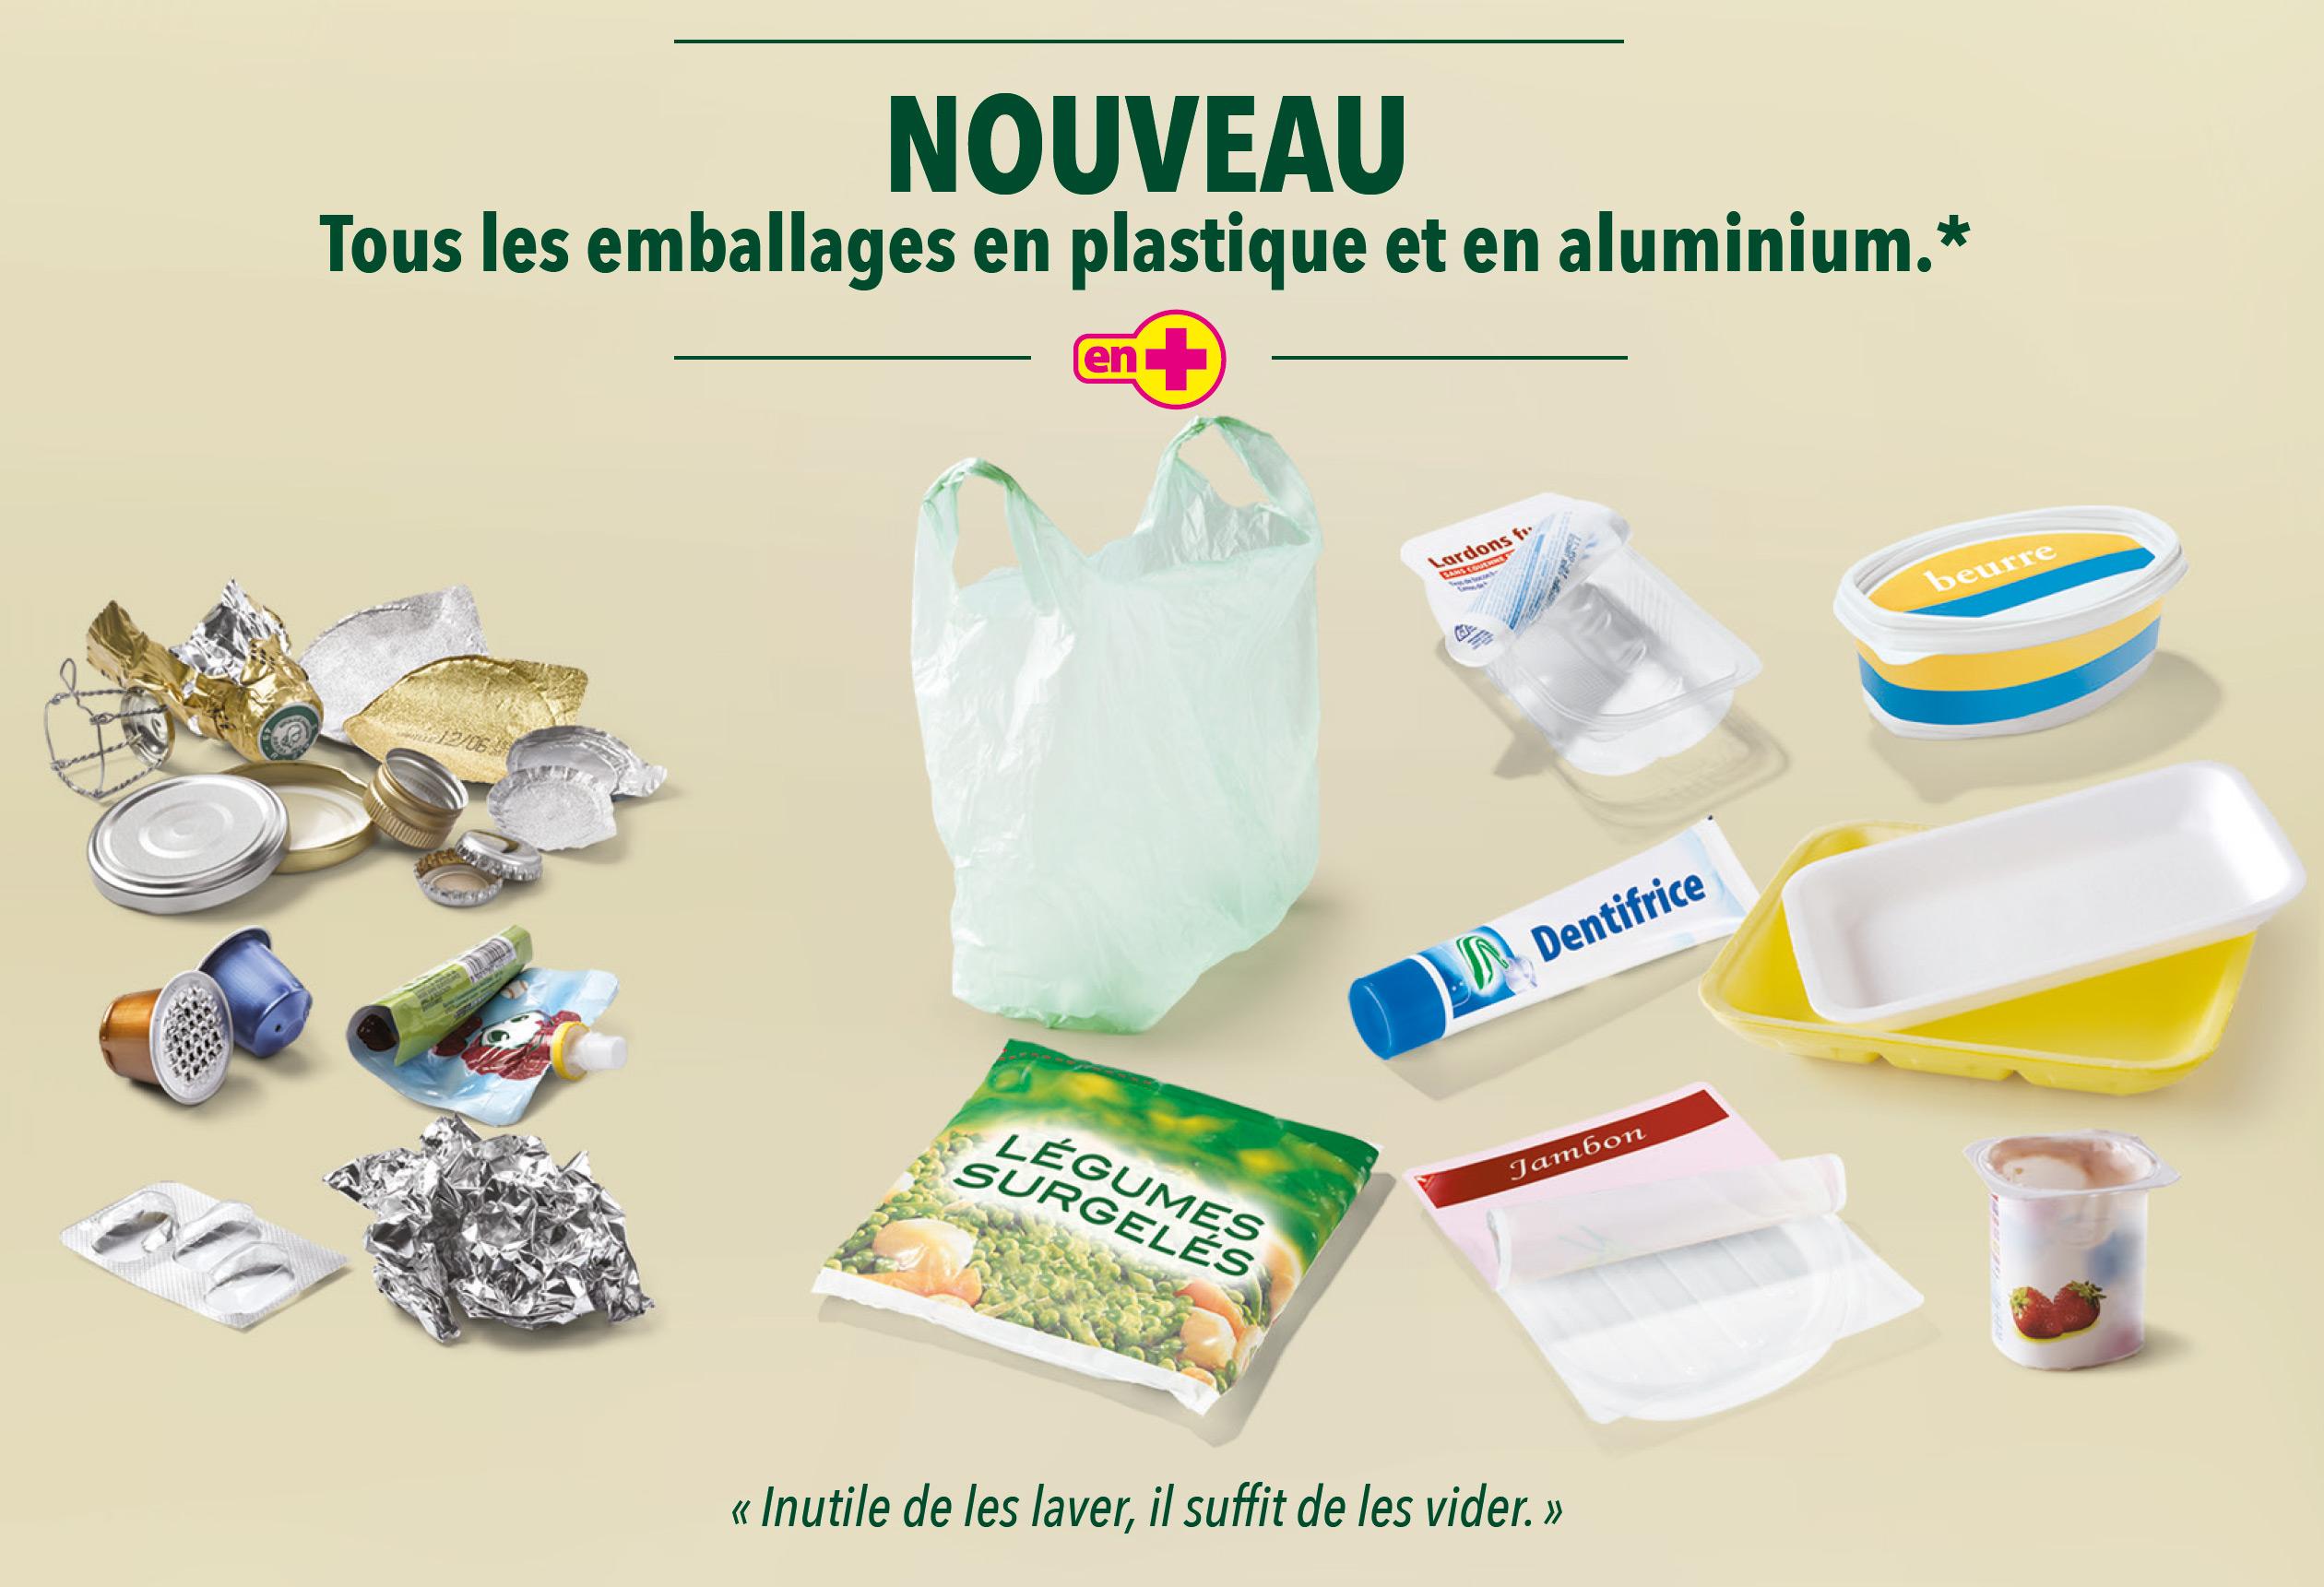 Emaballages plastique et aluminium